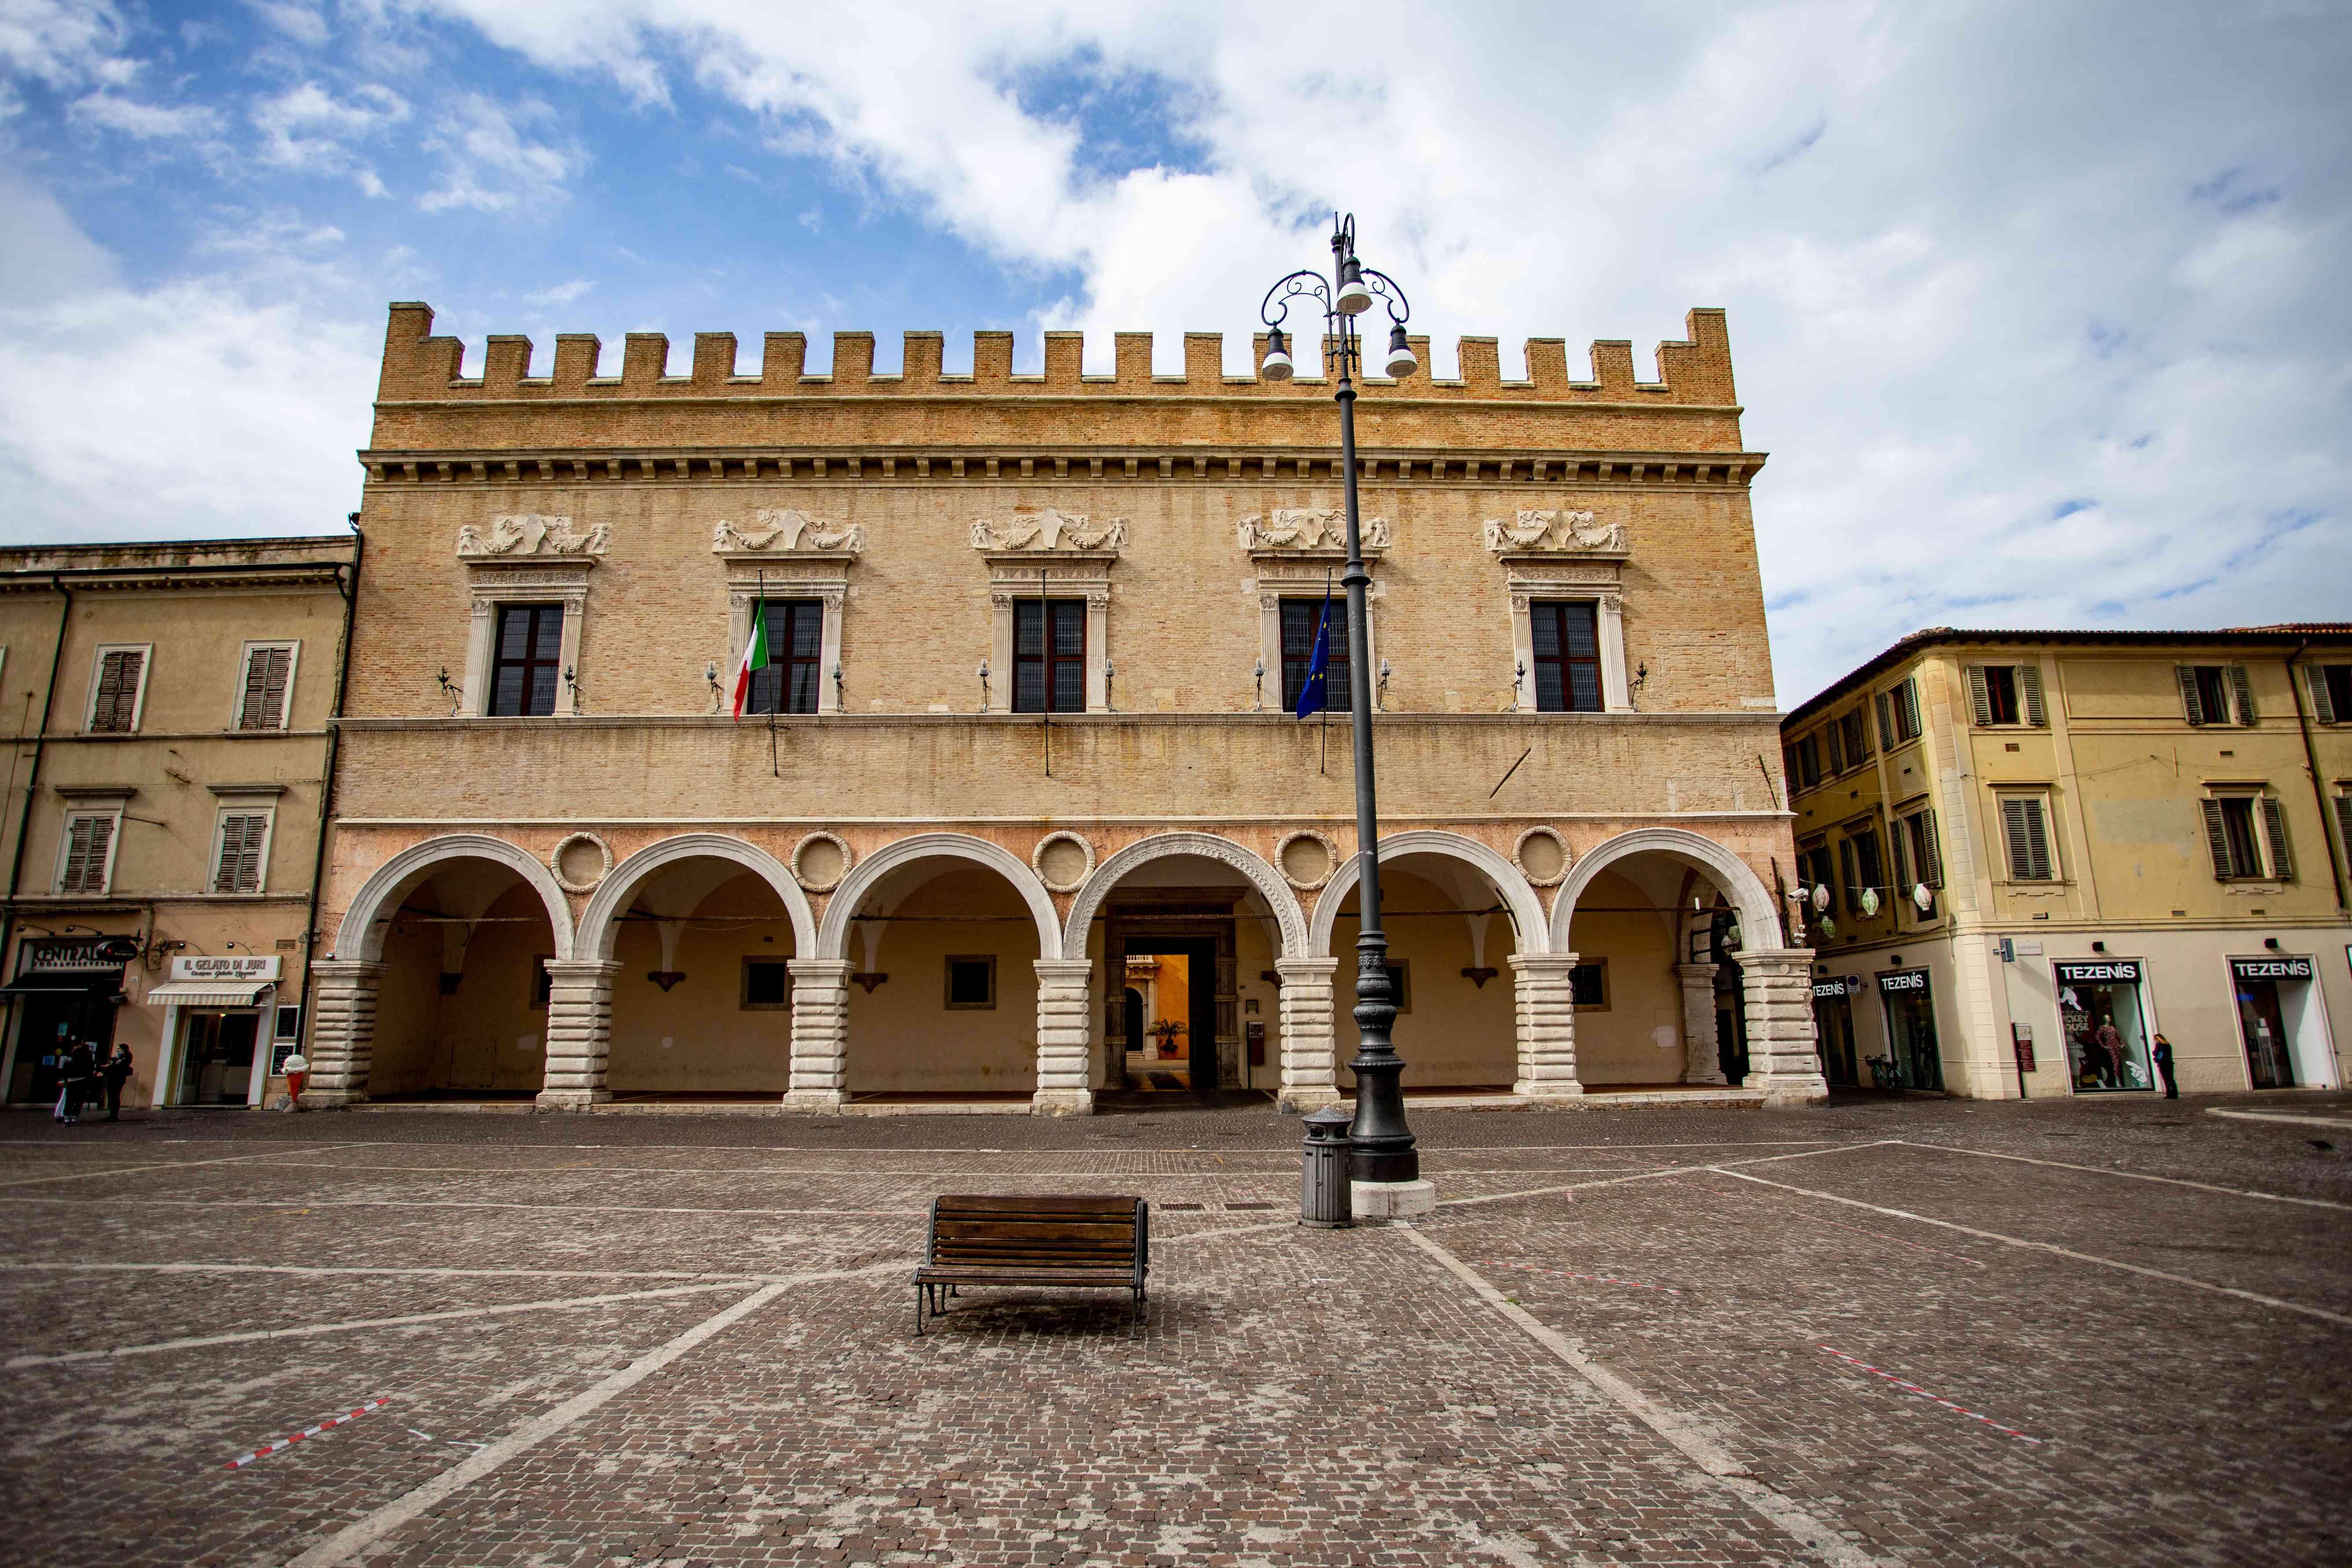 Piazza del Popolo in Pesaro